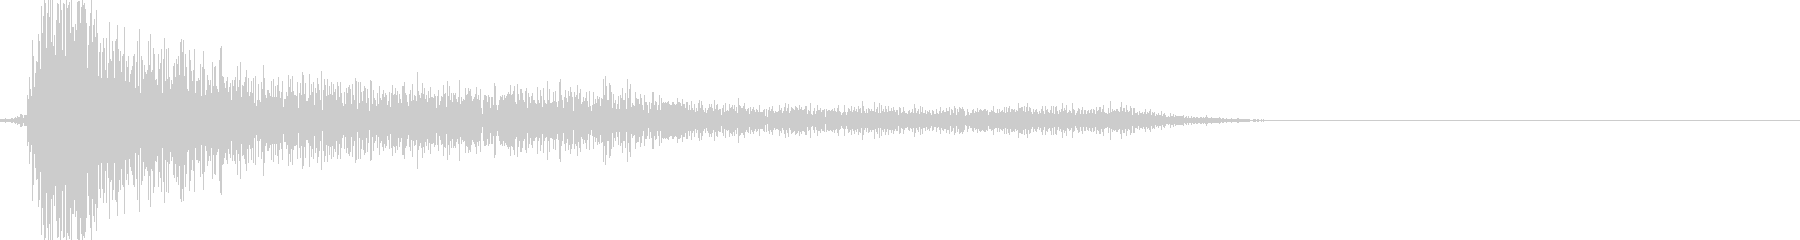 レトロゲームの金属音(剣で攻撃など)の未再生の波形